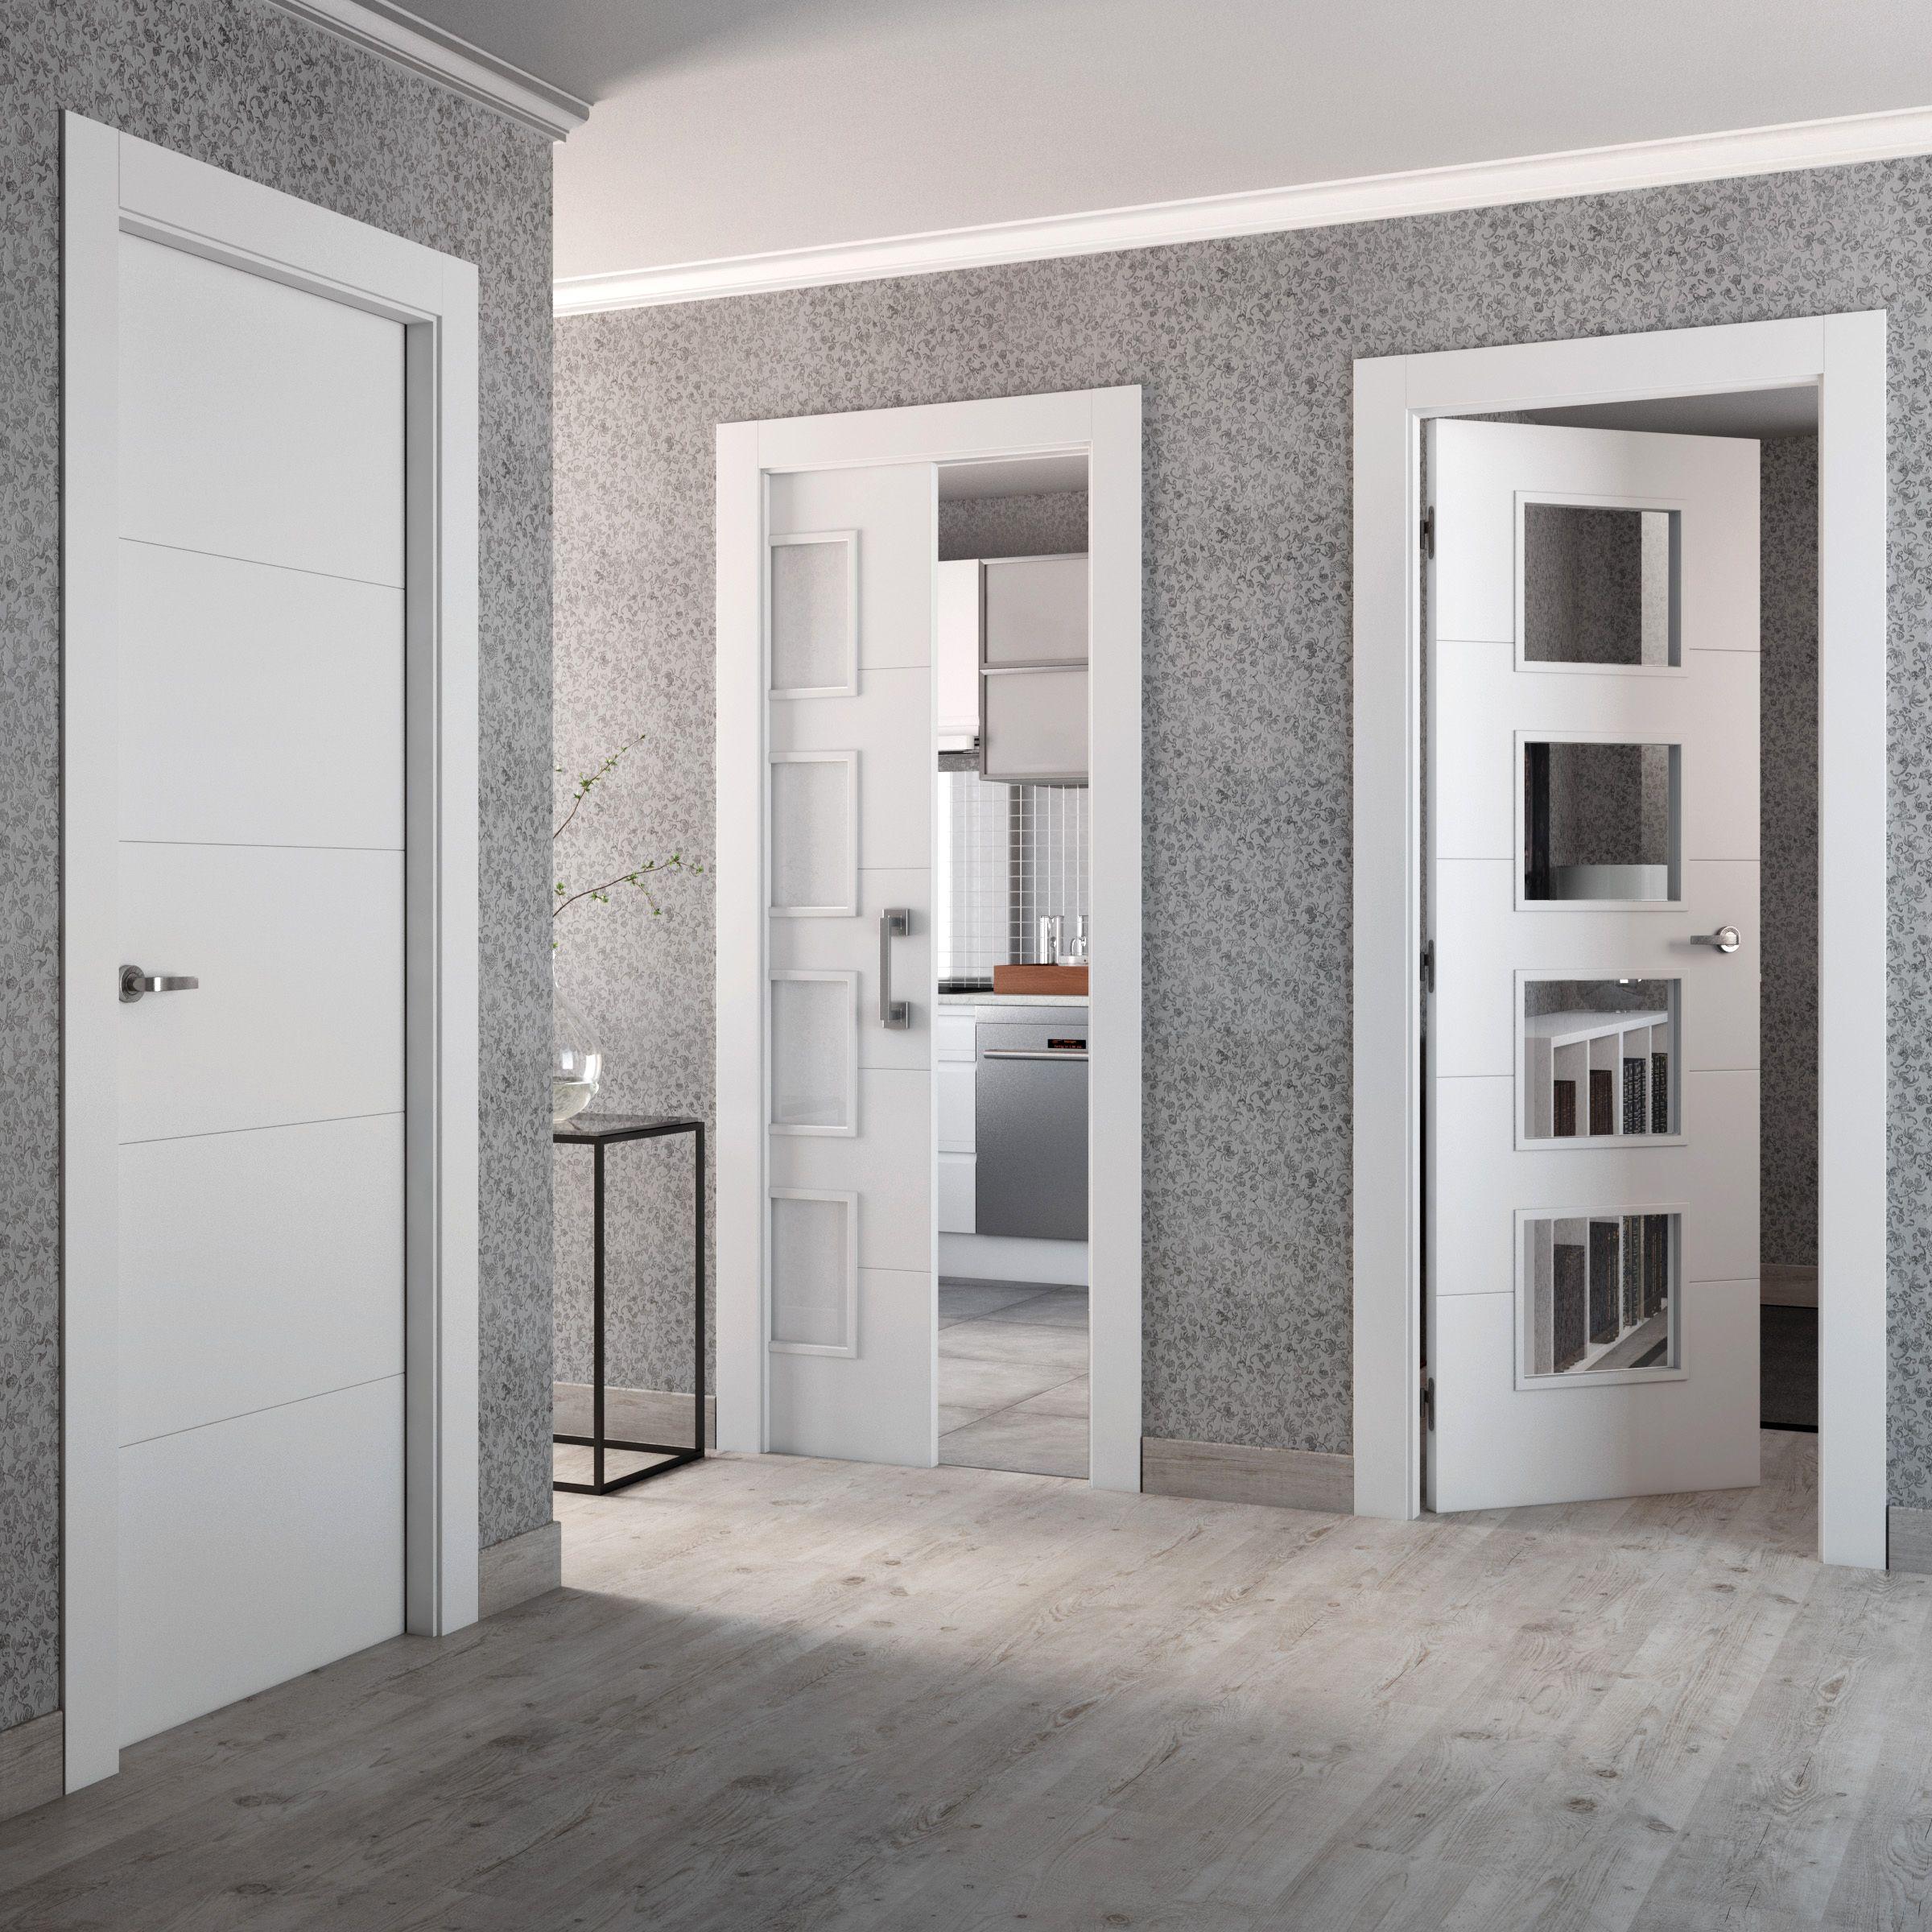 Pin de cristal jim nez pe a en habitaciones puertas - Puertas interior blancas ...